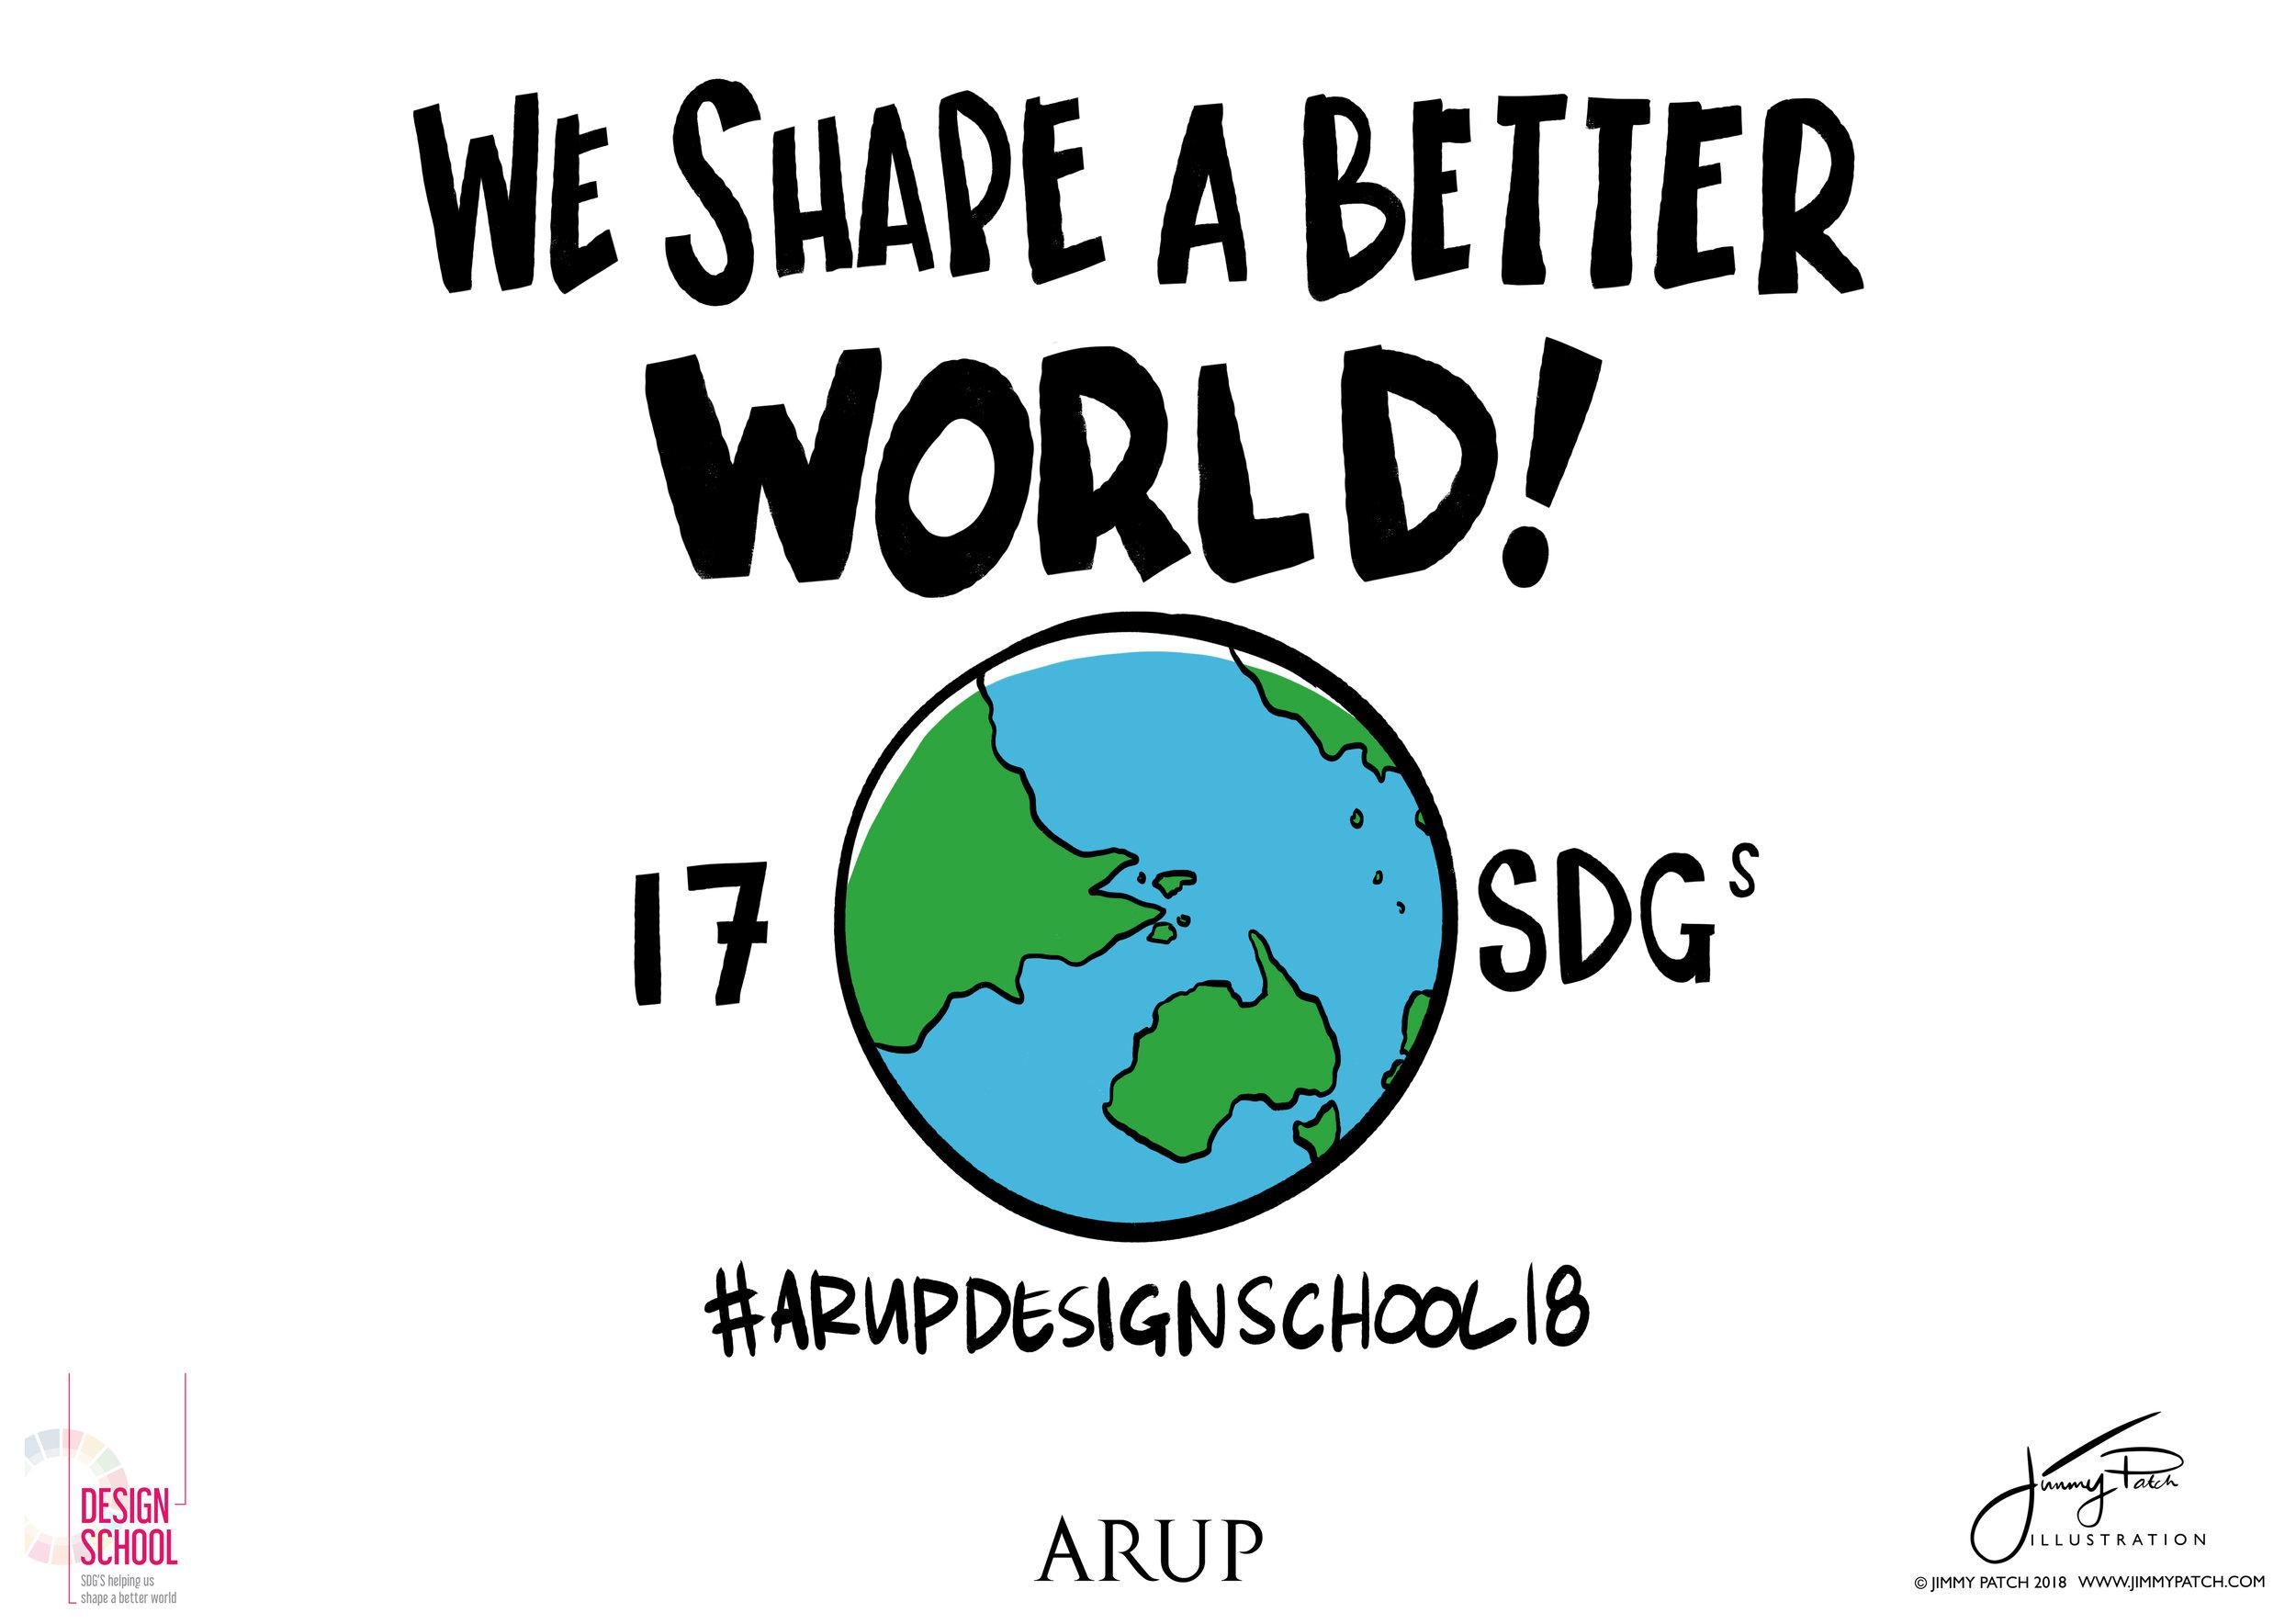 06_We Shape a Better World.jpg